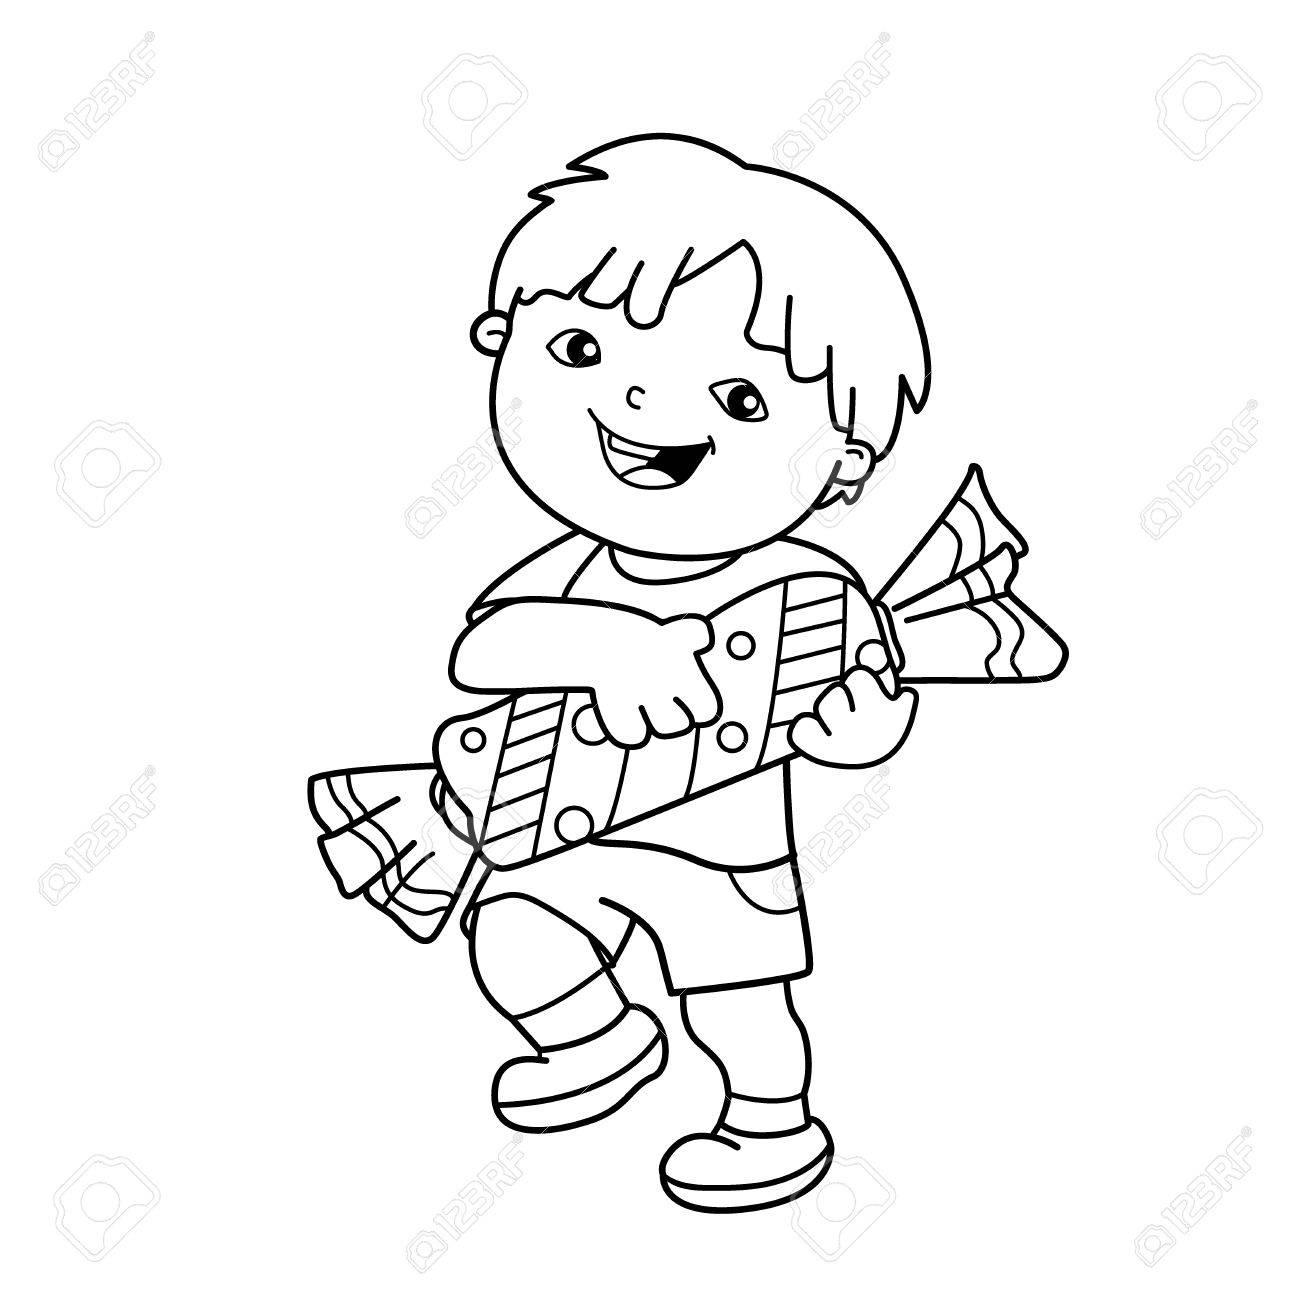 Página Para Colorear Esquema Del Niño De Dibujos Animados Con Con El Caramelo Libro De Colorear Para Niños